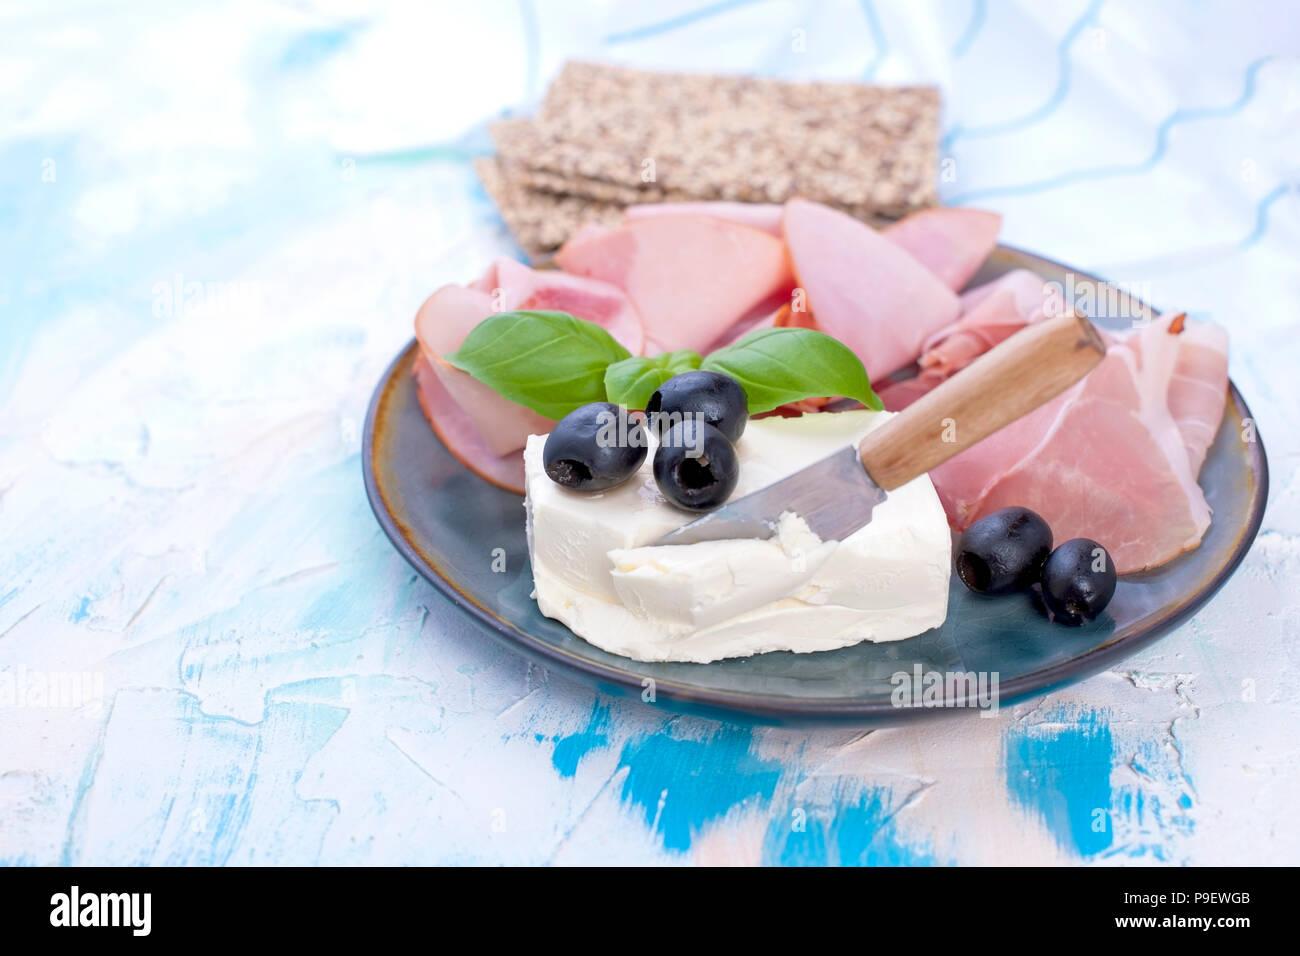 Jamón y queso con las aceitunas en una placa gris. Fondo blanco con azul de divorcios. Cuchillo para el queso. Breadstones seco. Espacio para texto o una postal Imagen De Stock